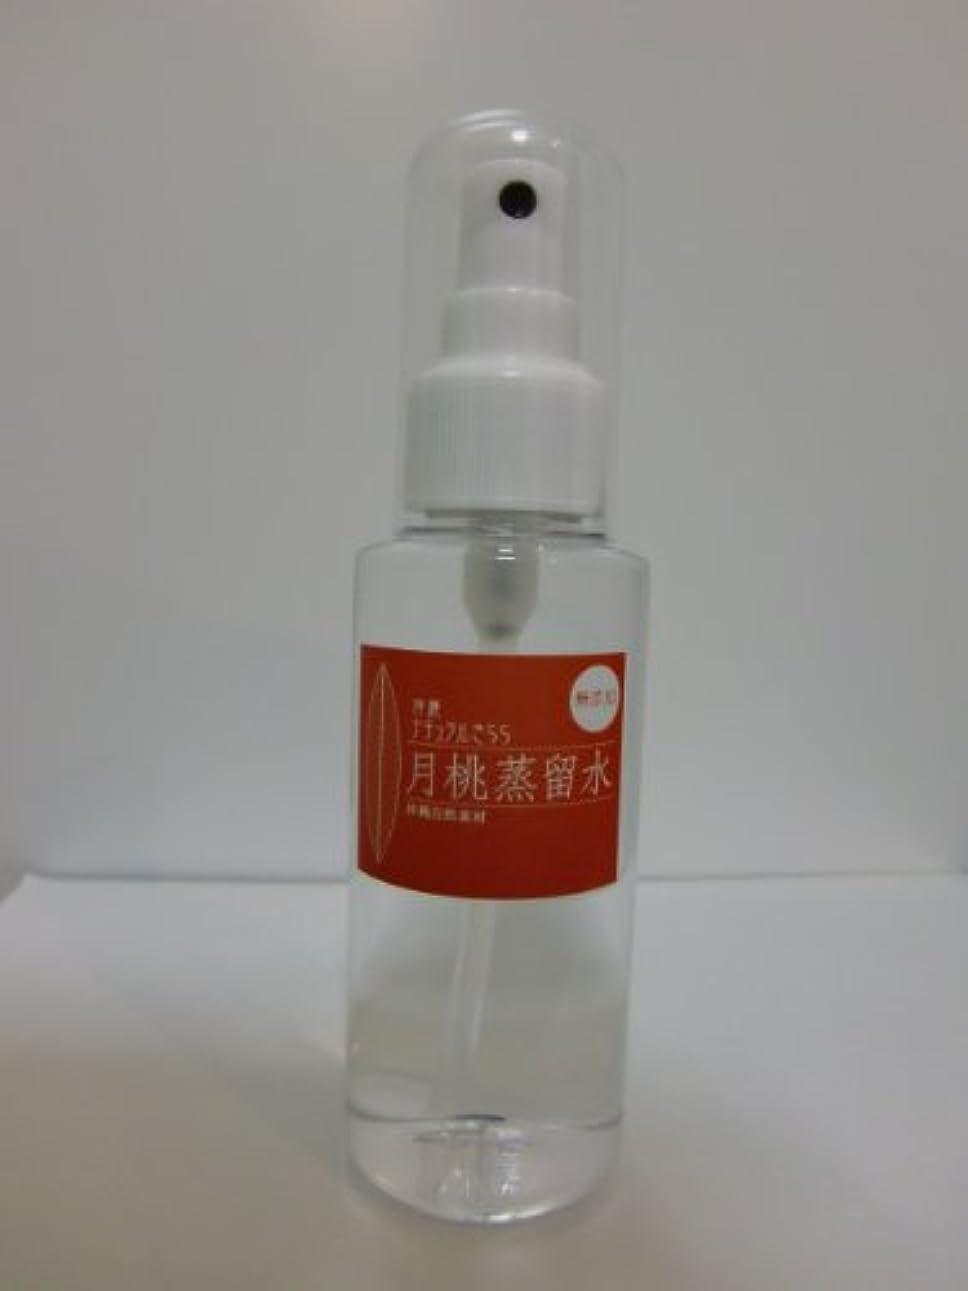 結果として専門知識のれん新?月桃蒸留水(300ml)